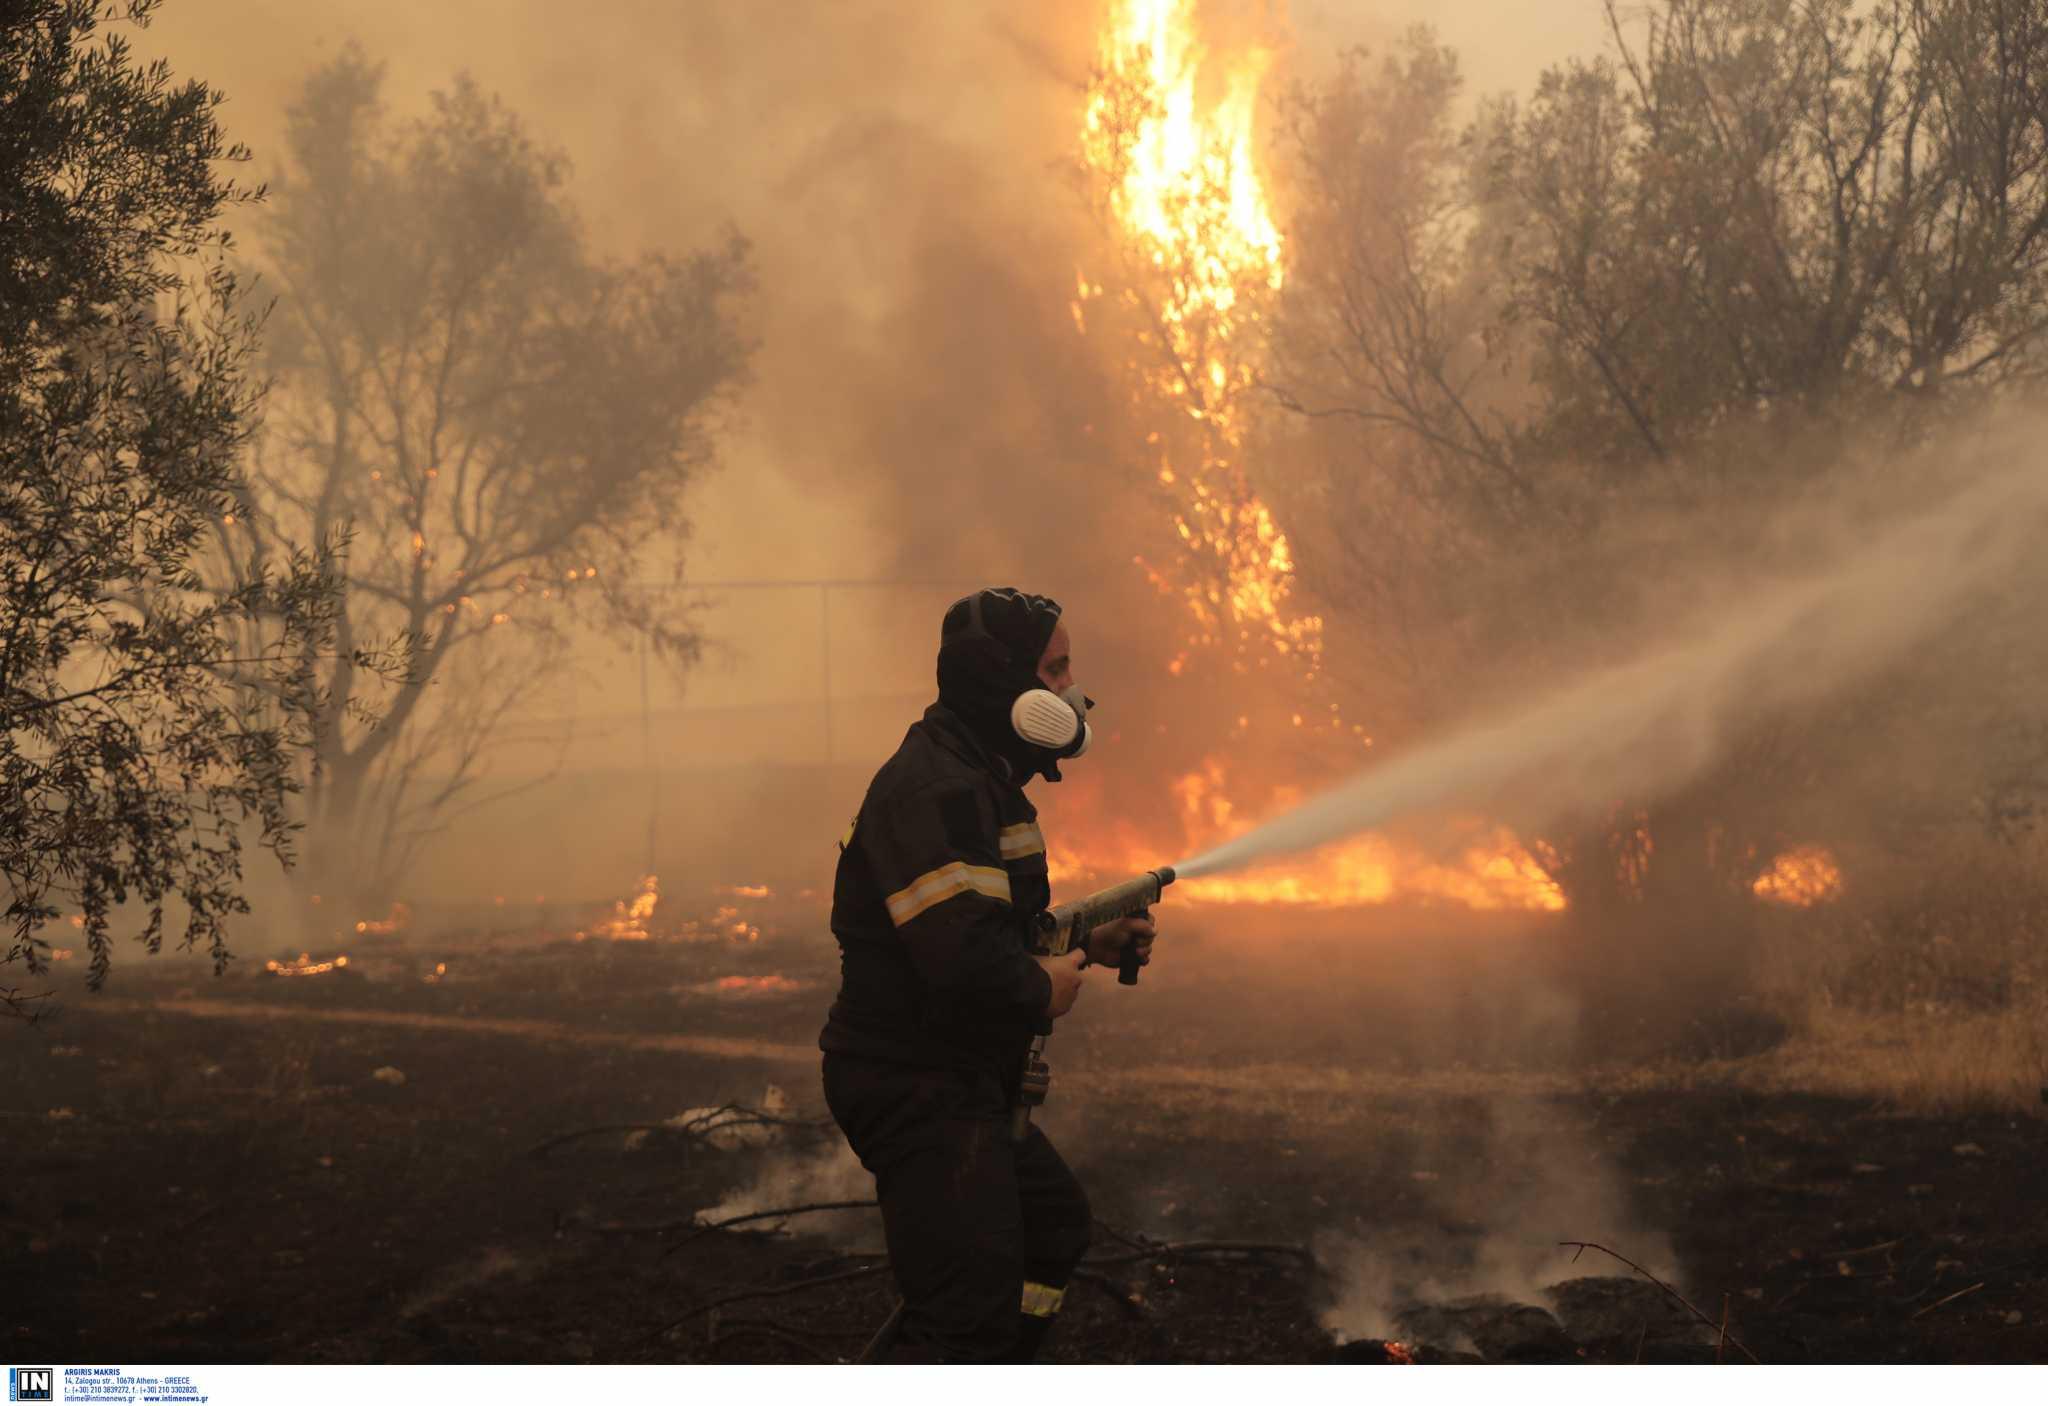 Υπόνοιες για οργανωμένο σχέδιο εμπρησμών πίσω από φωτιές